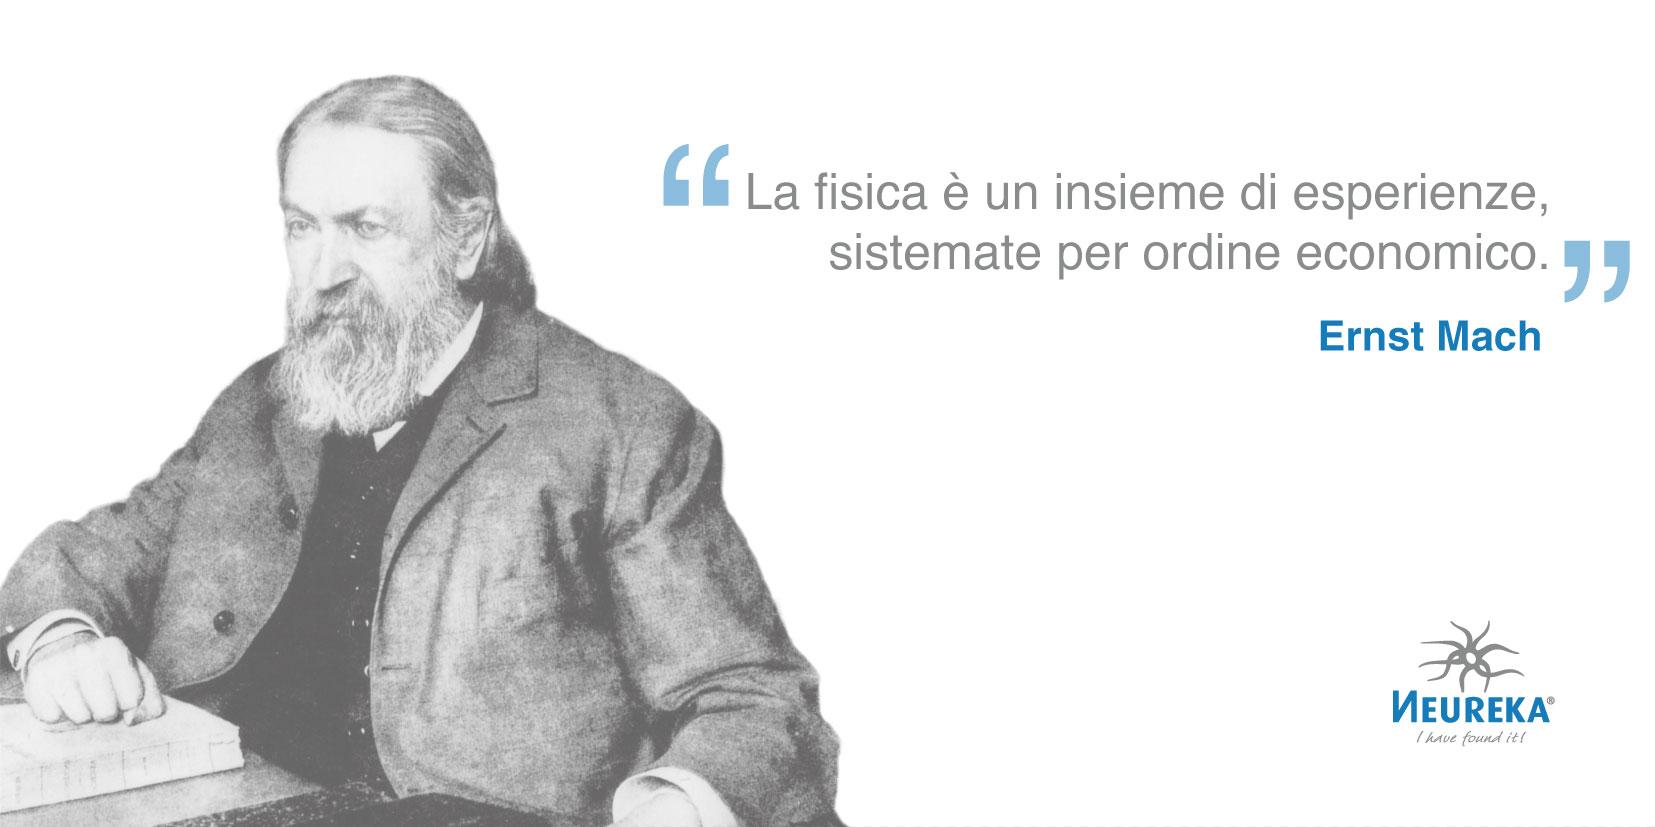 Ecco un fisico e filosofo della scienza che apportò importanti contributi alla fisica, alla filosofia e alla psicologia fisiologica: Ernst Mach